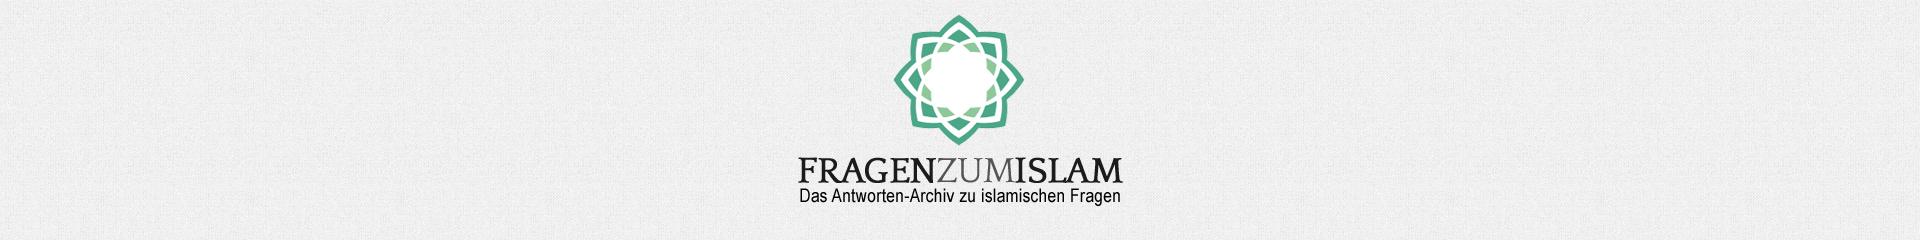 Fragen zum Islam